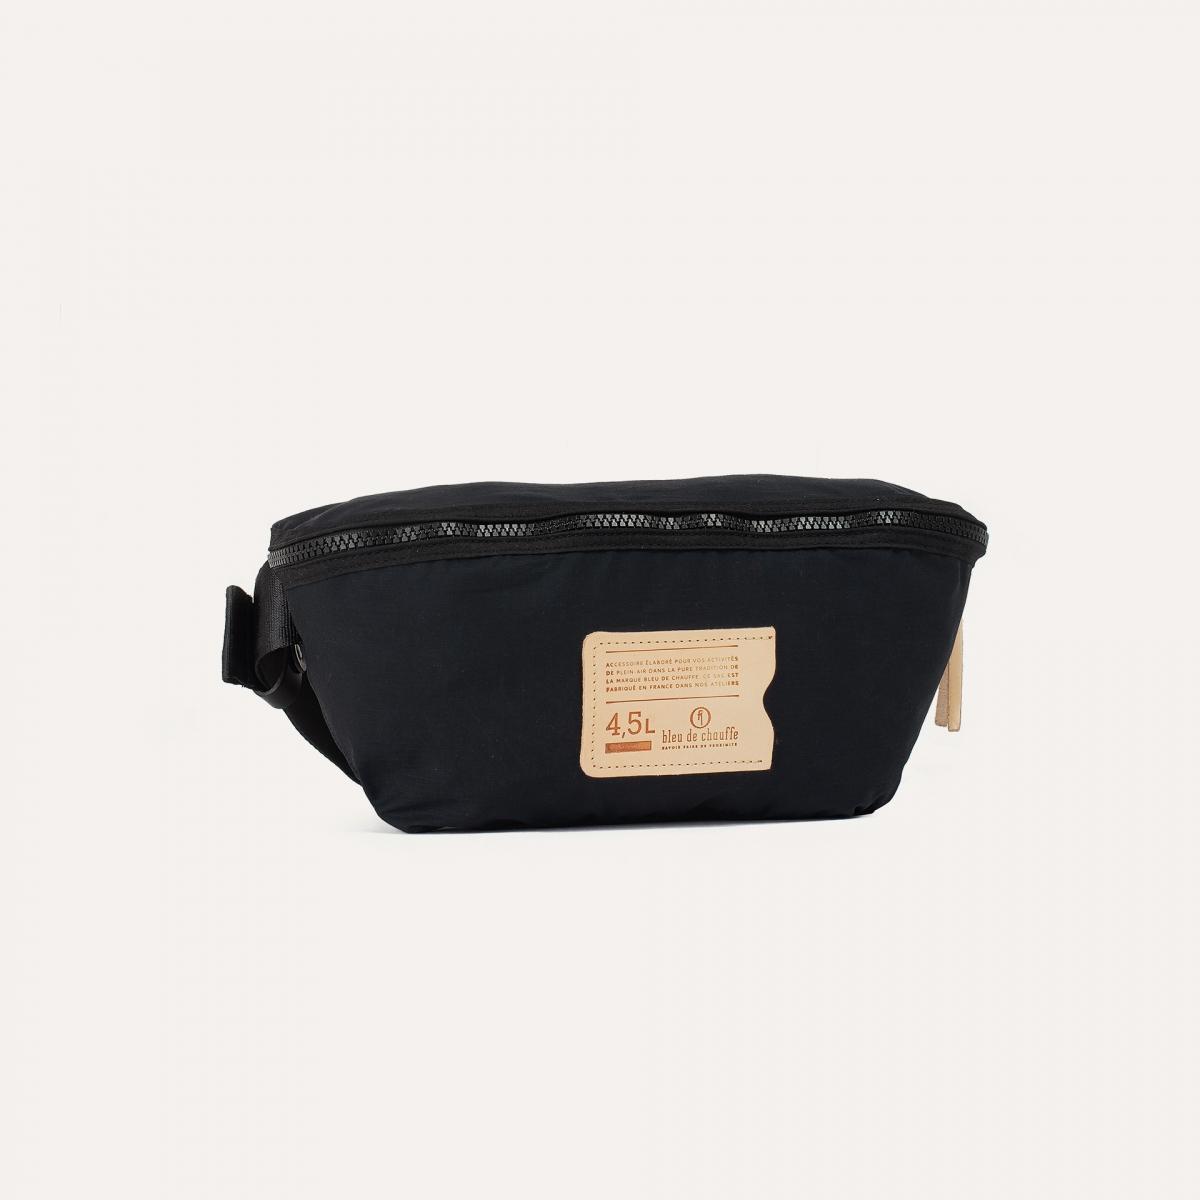 4,5L Beat Belt bag - Black (image n°2)